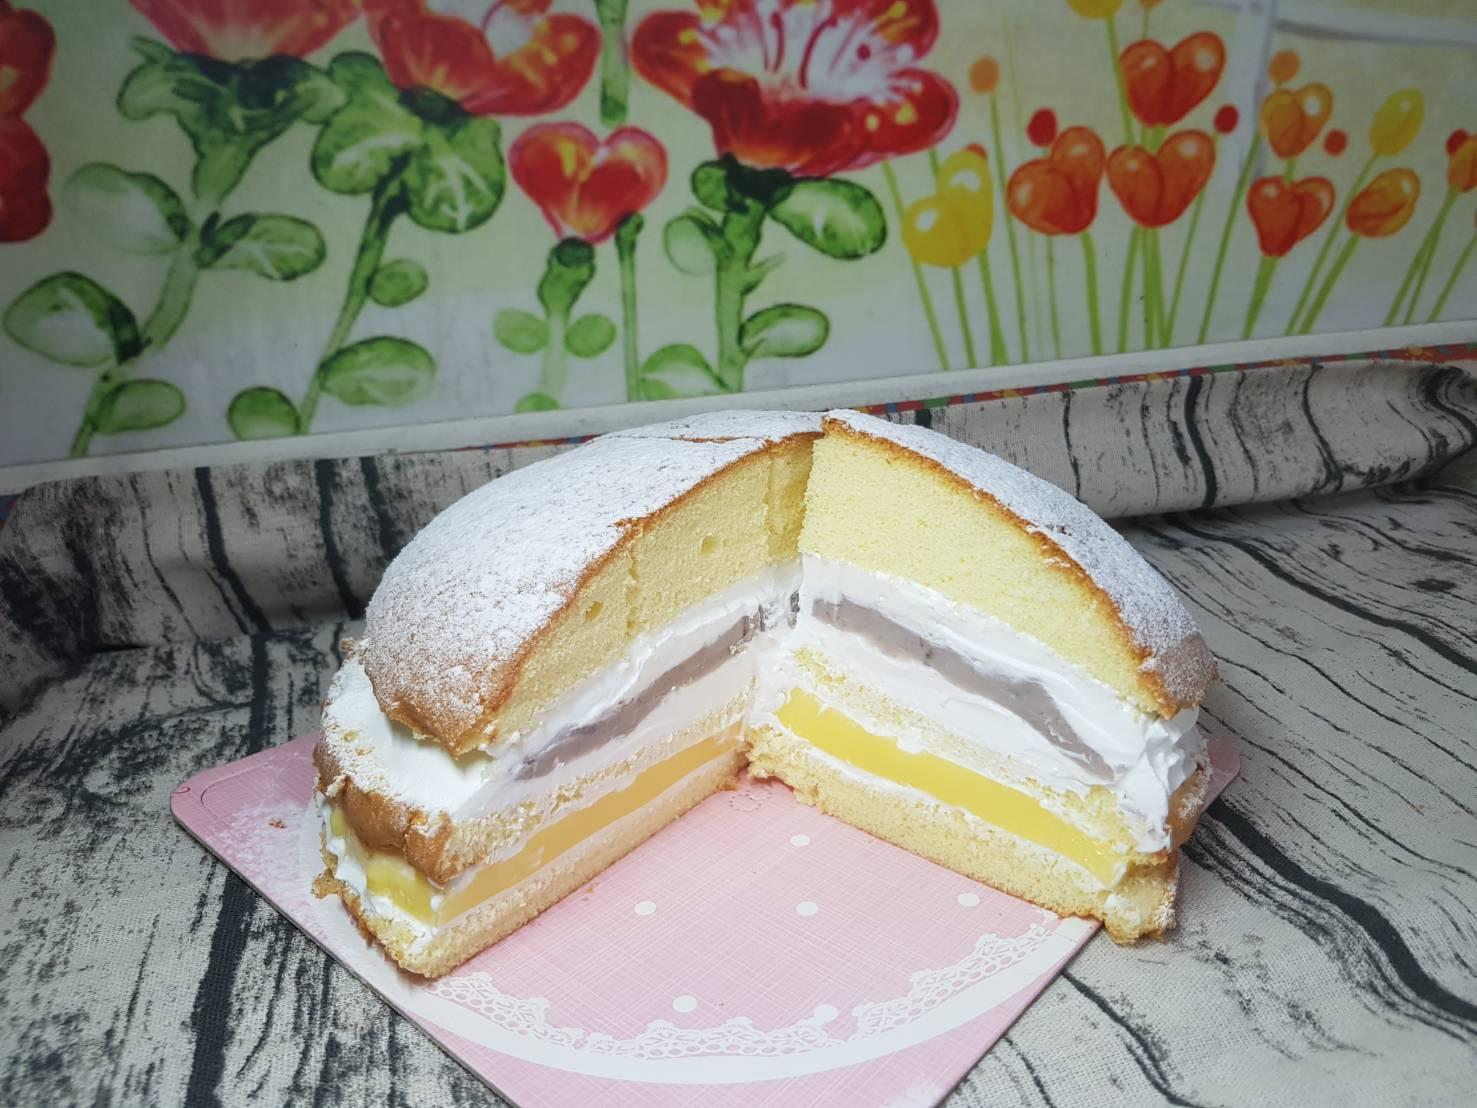 芋泥布丁波士頓蛋糕(8吋)